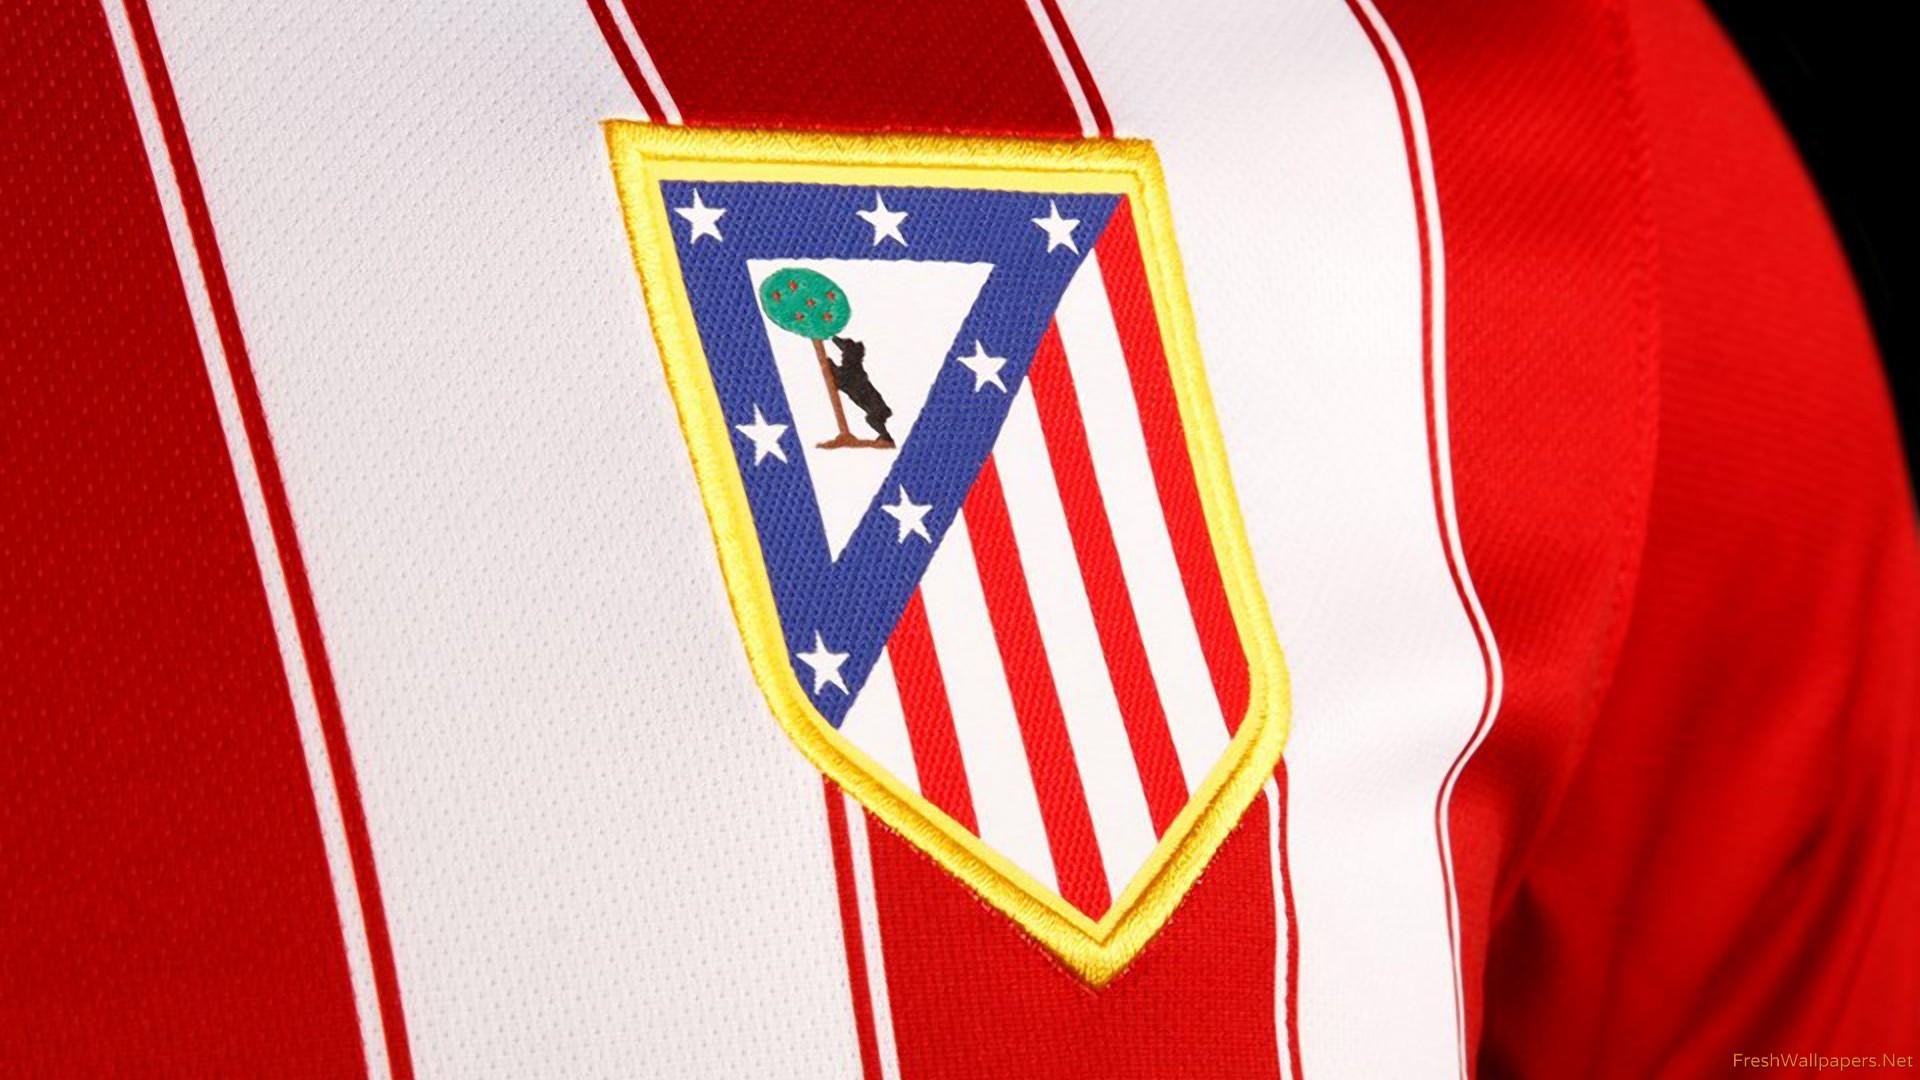 Kumpulan Gambar Logo Wallpaper Atletico Madrid Terbaru 2016 1920x1080